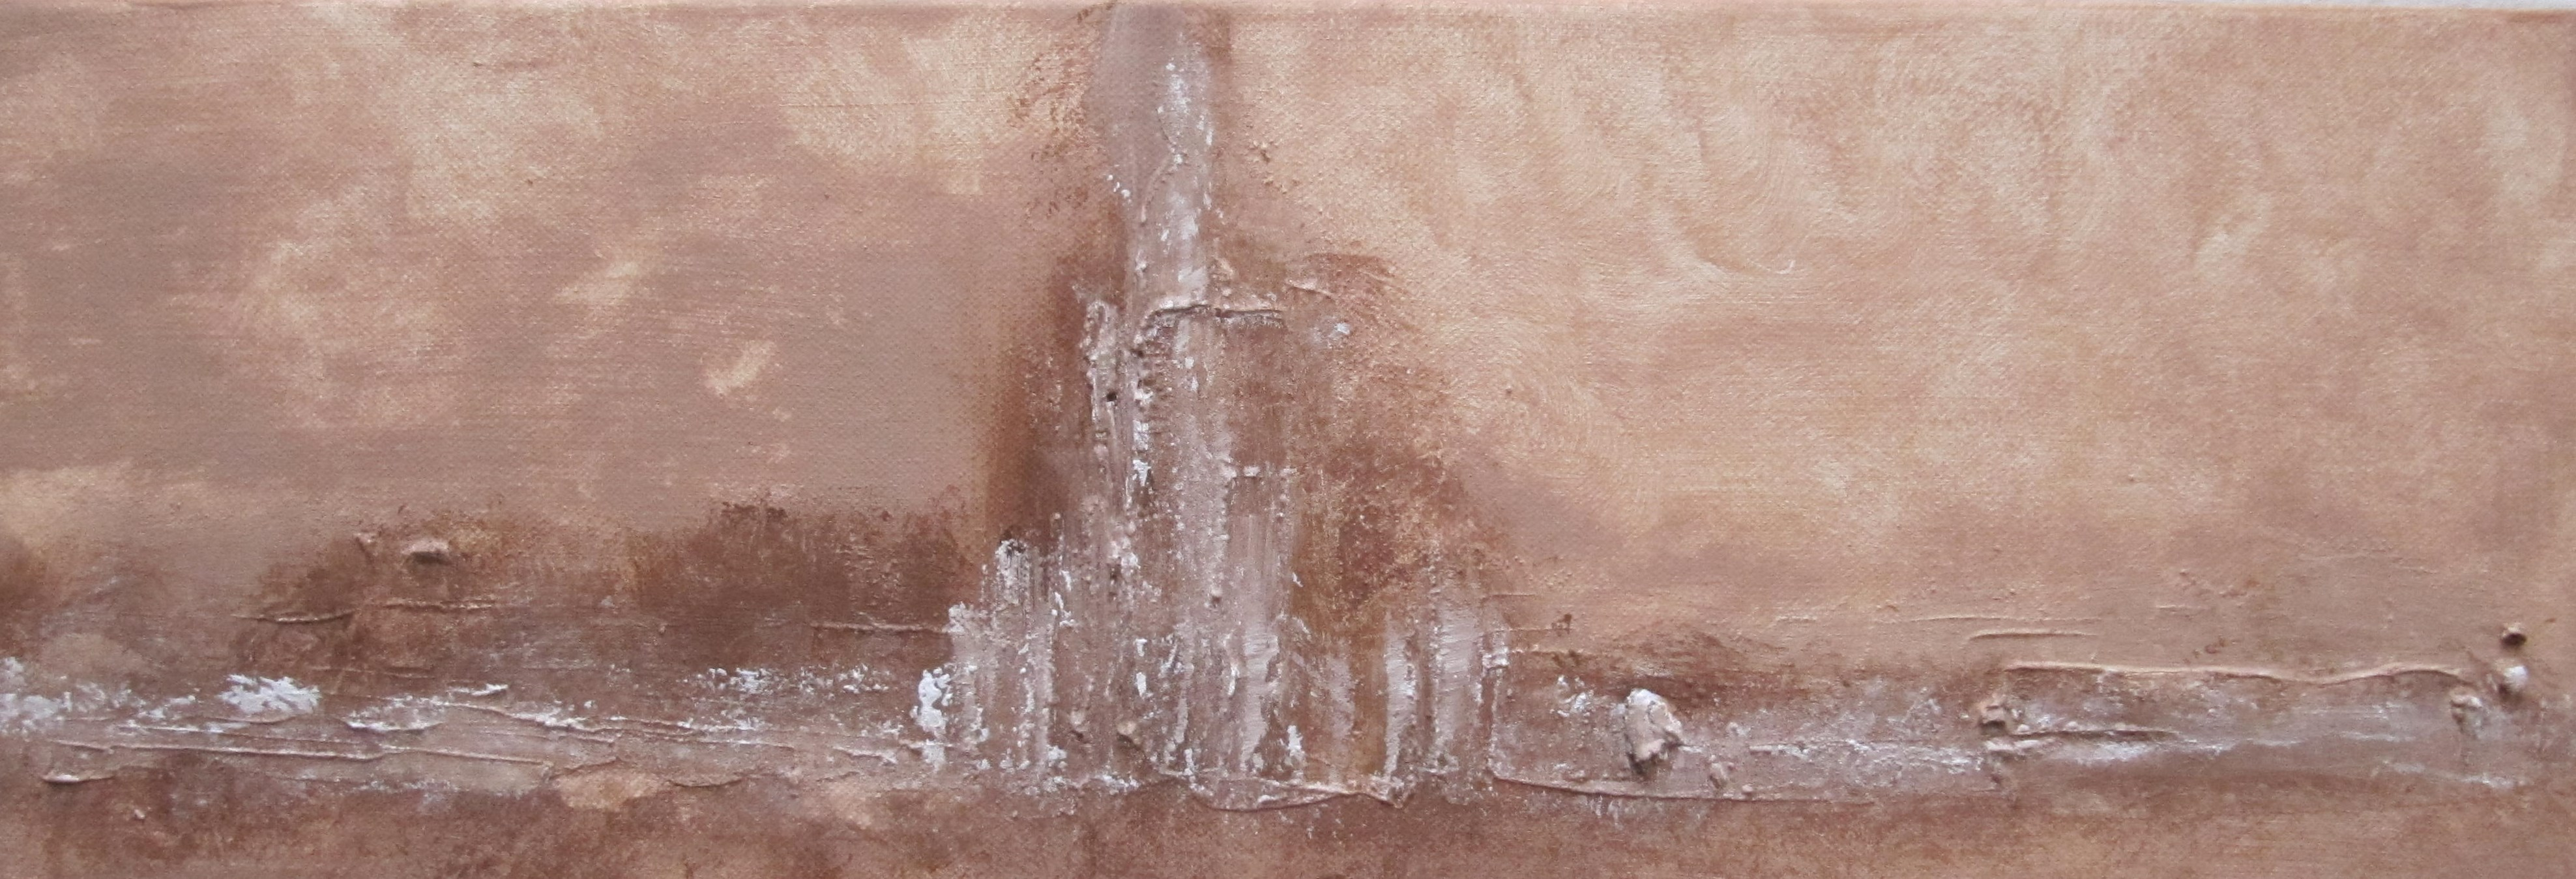 Weekeinde schilderen michael blogt com - Schilderij kamer ontwerp ...